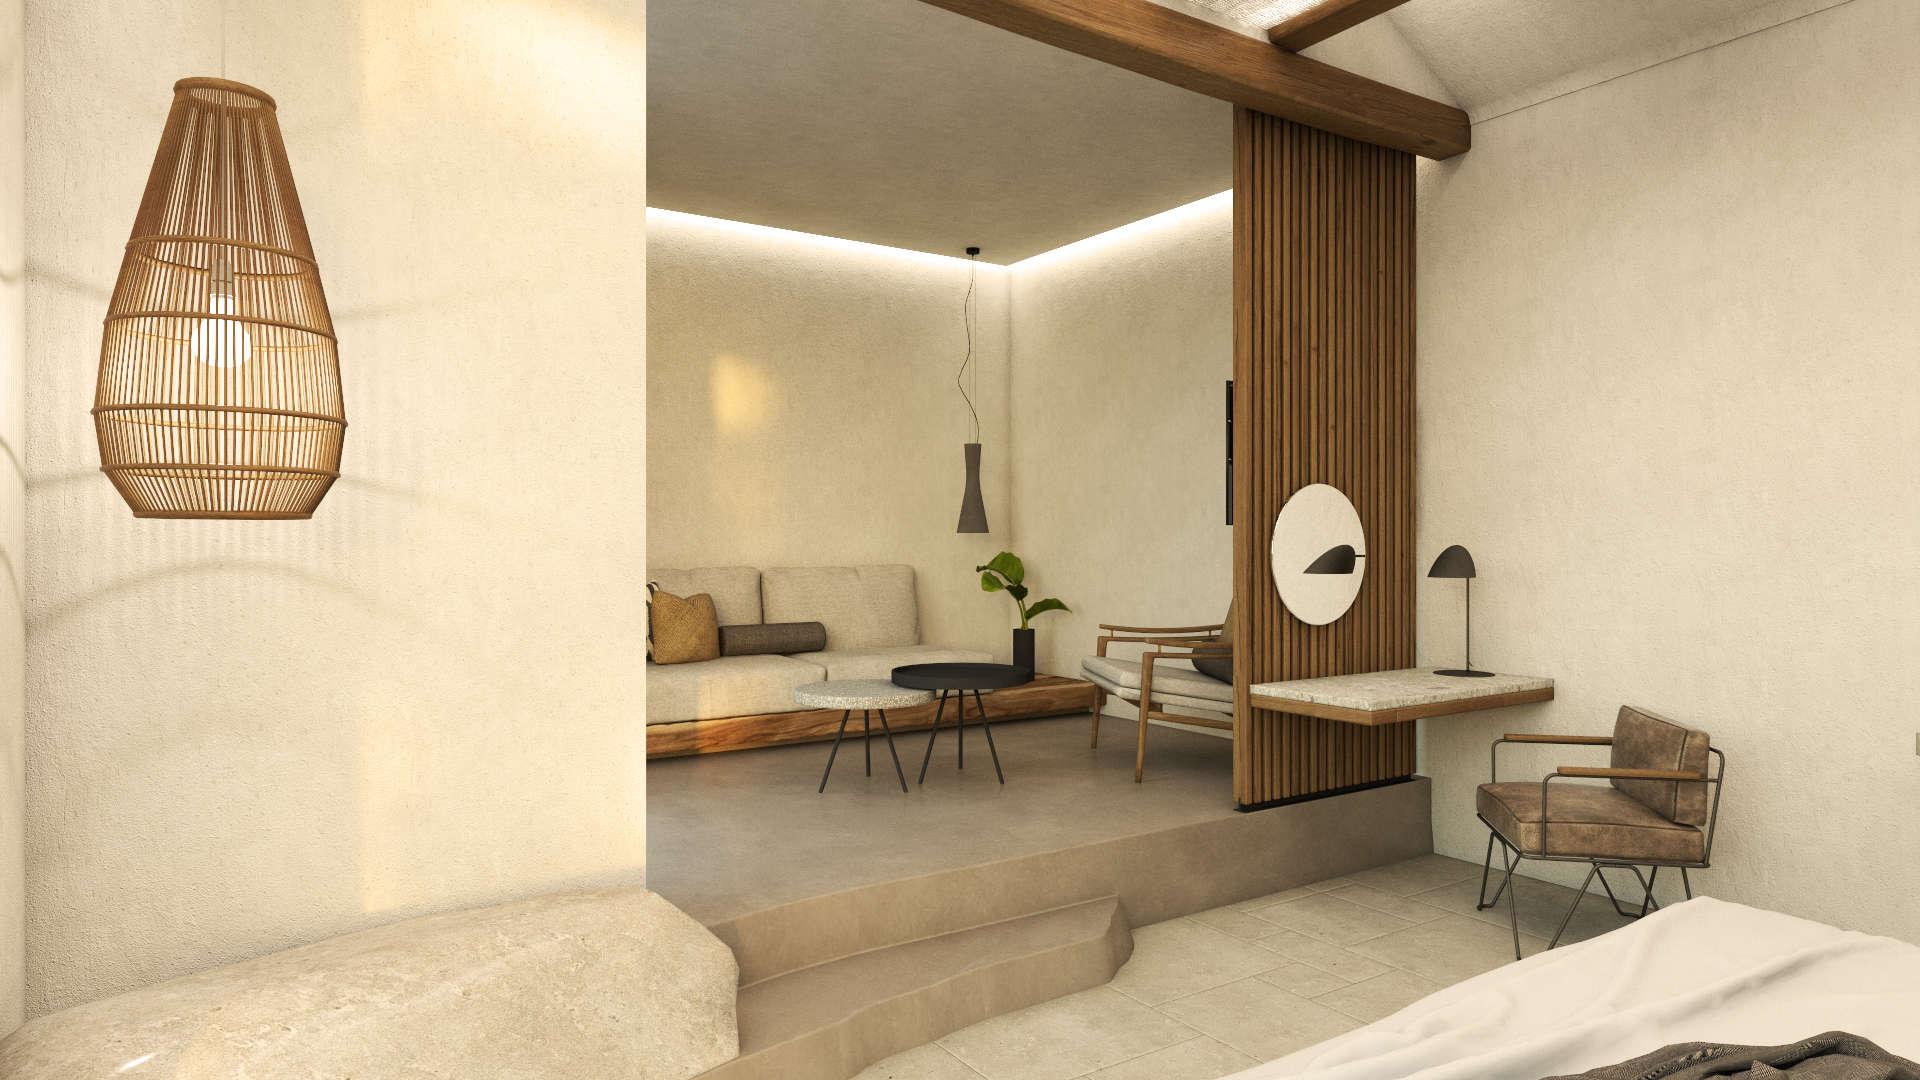 Interior design, Luxury suite, living room and desk. Διακόσμηση, Πολυτελής σουίτα. Καθιστικό και γραφείο.